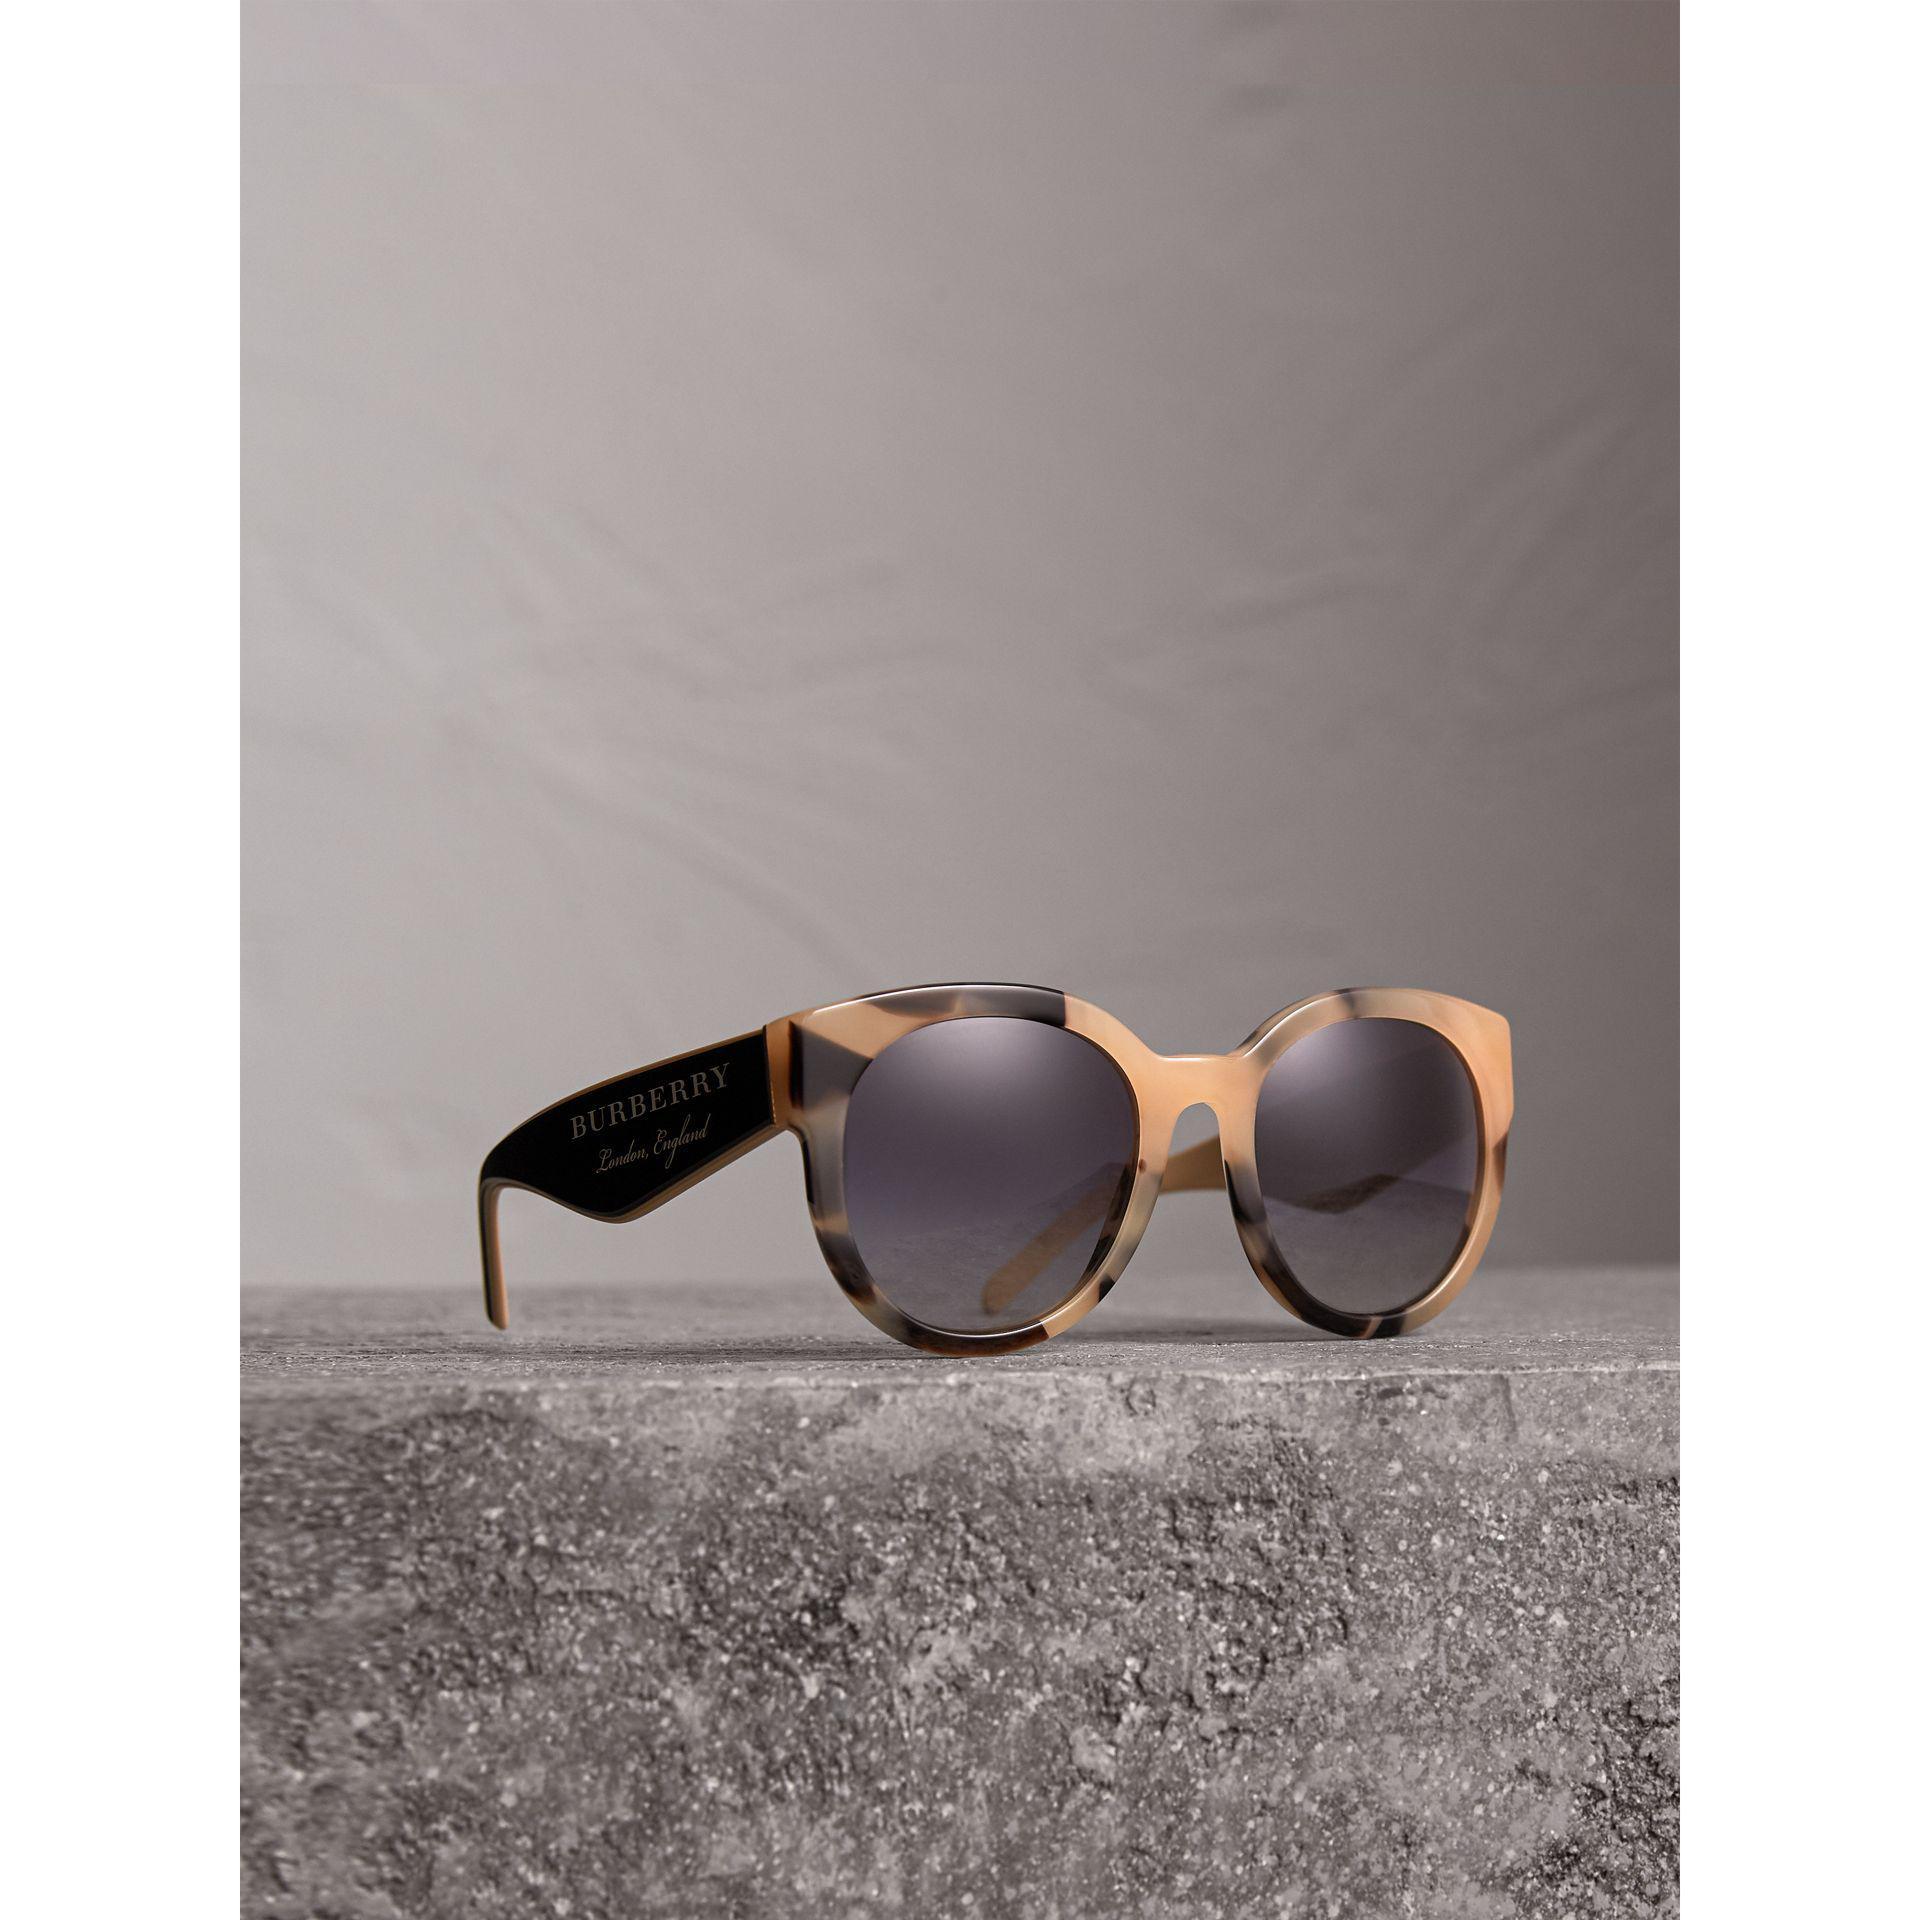 9a566c64108 Burberry. Women s Round Frame Sunglasses